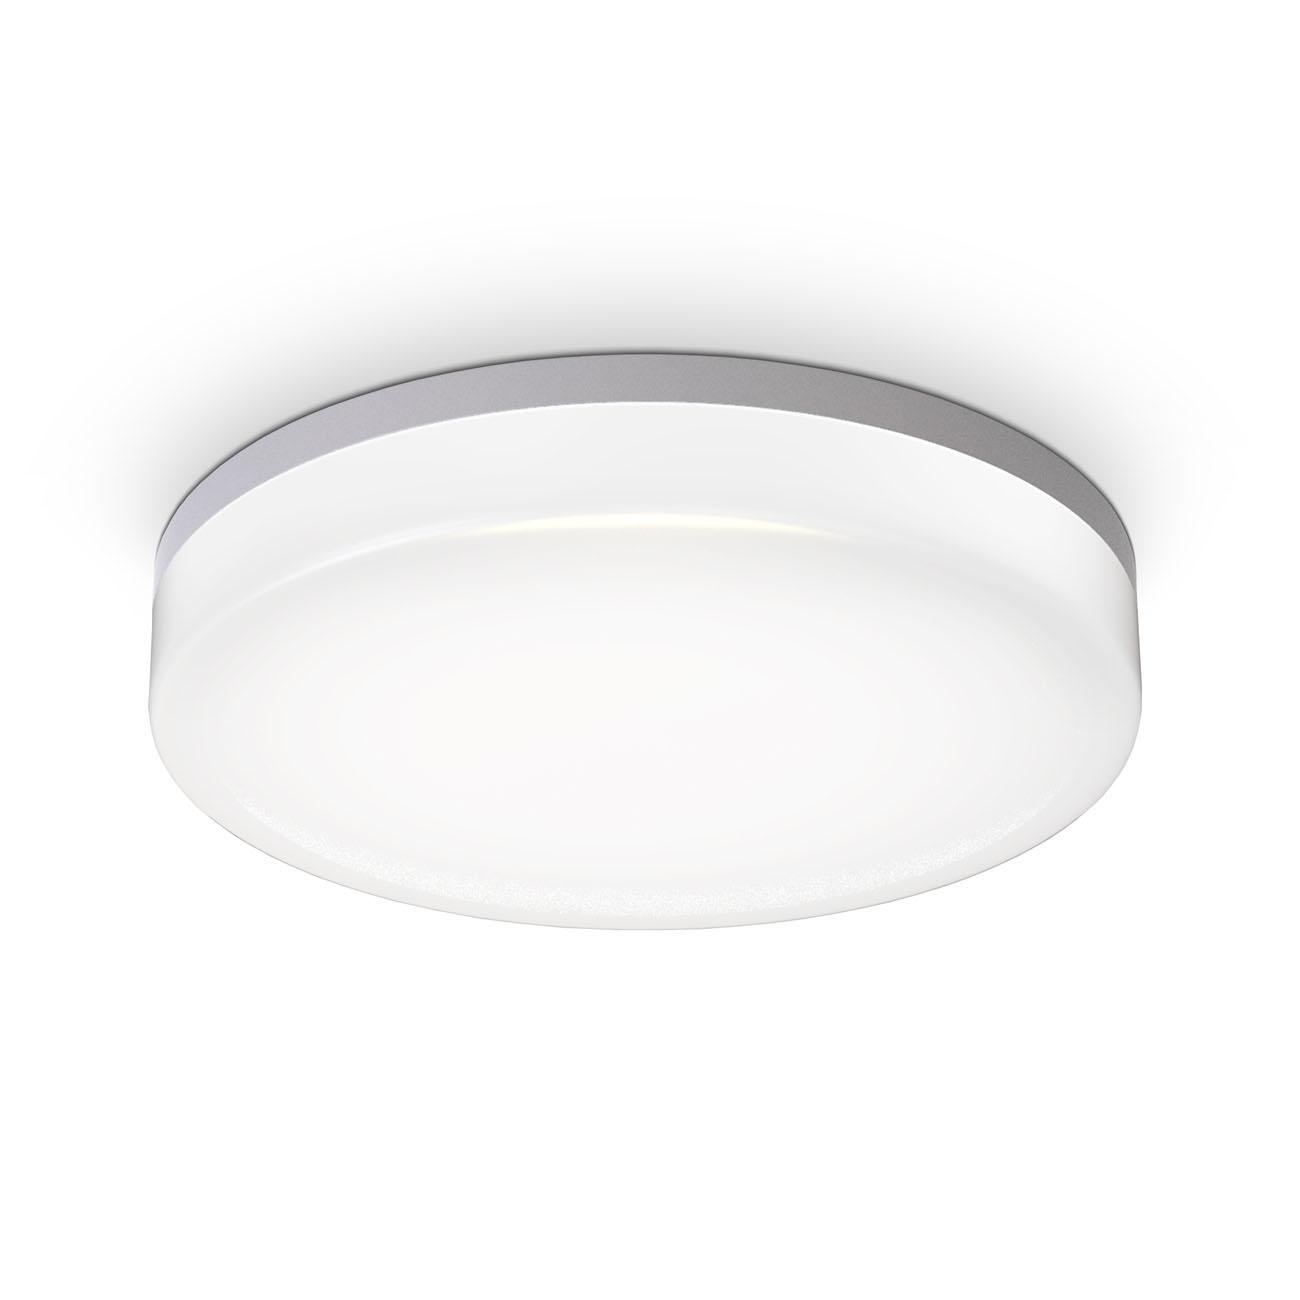 LED Deckenleuchte Badlampe IP54 S